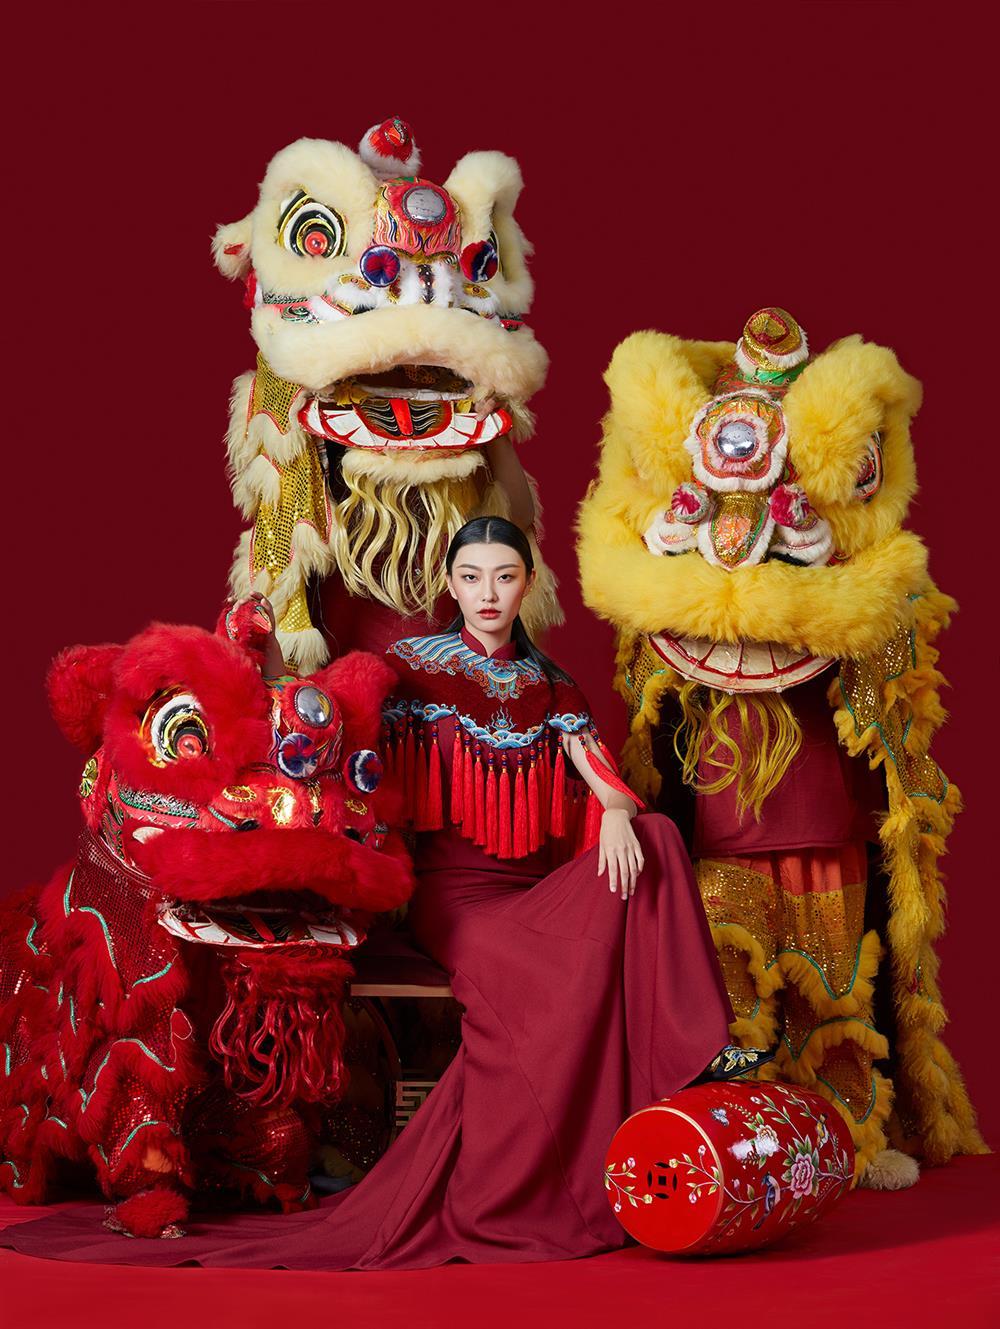 专访设计师曾艳:中国文化滋养原创设计